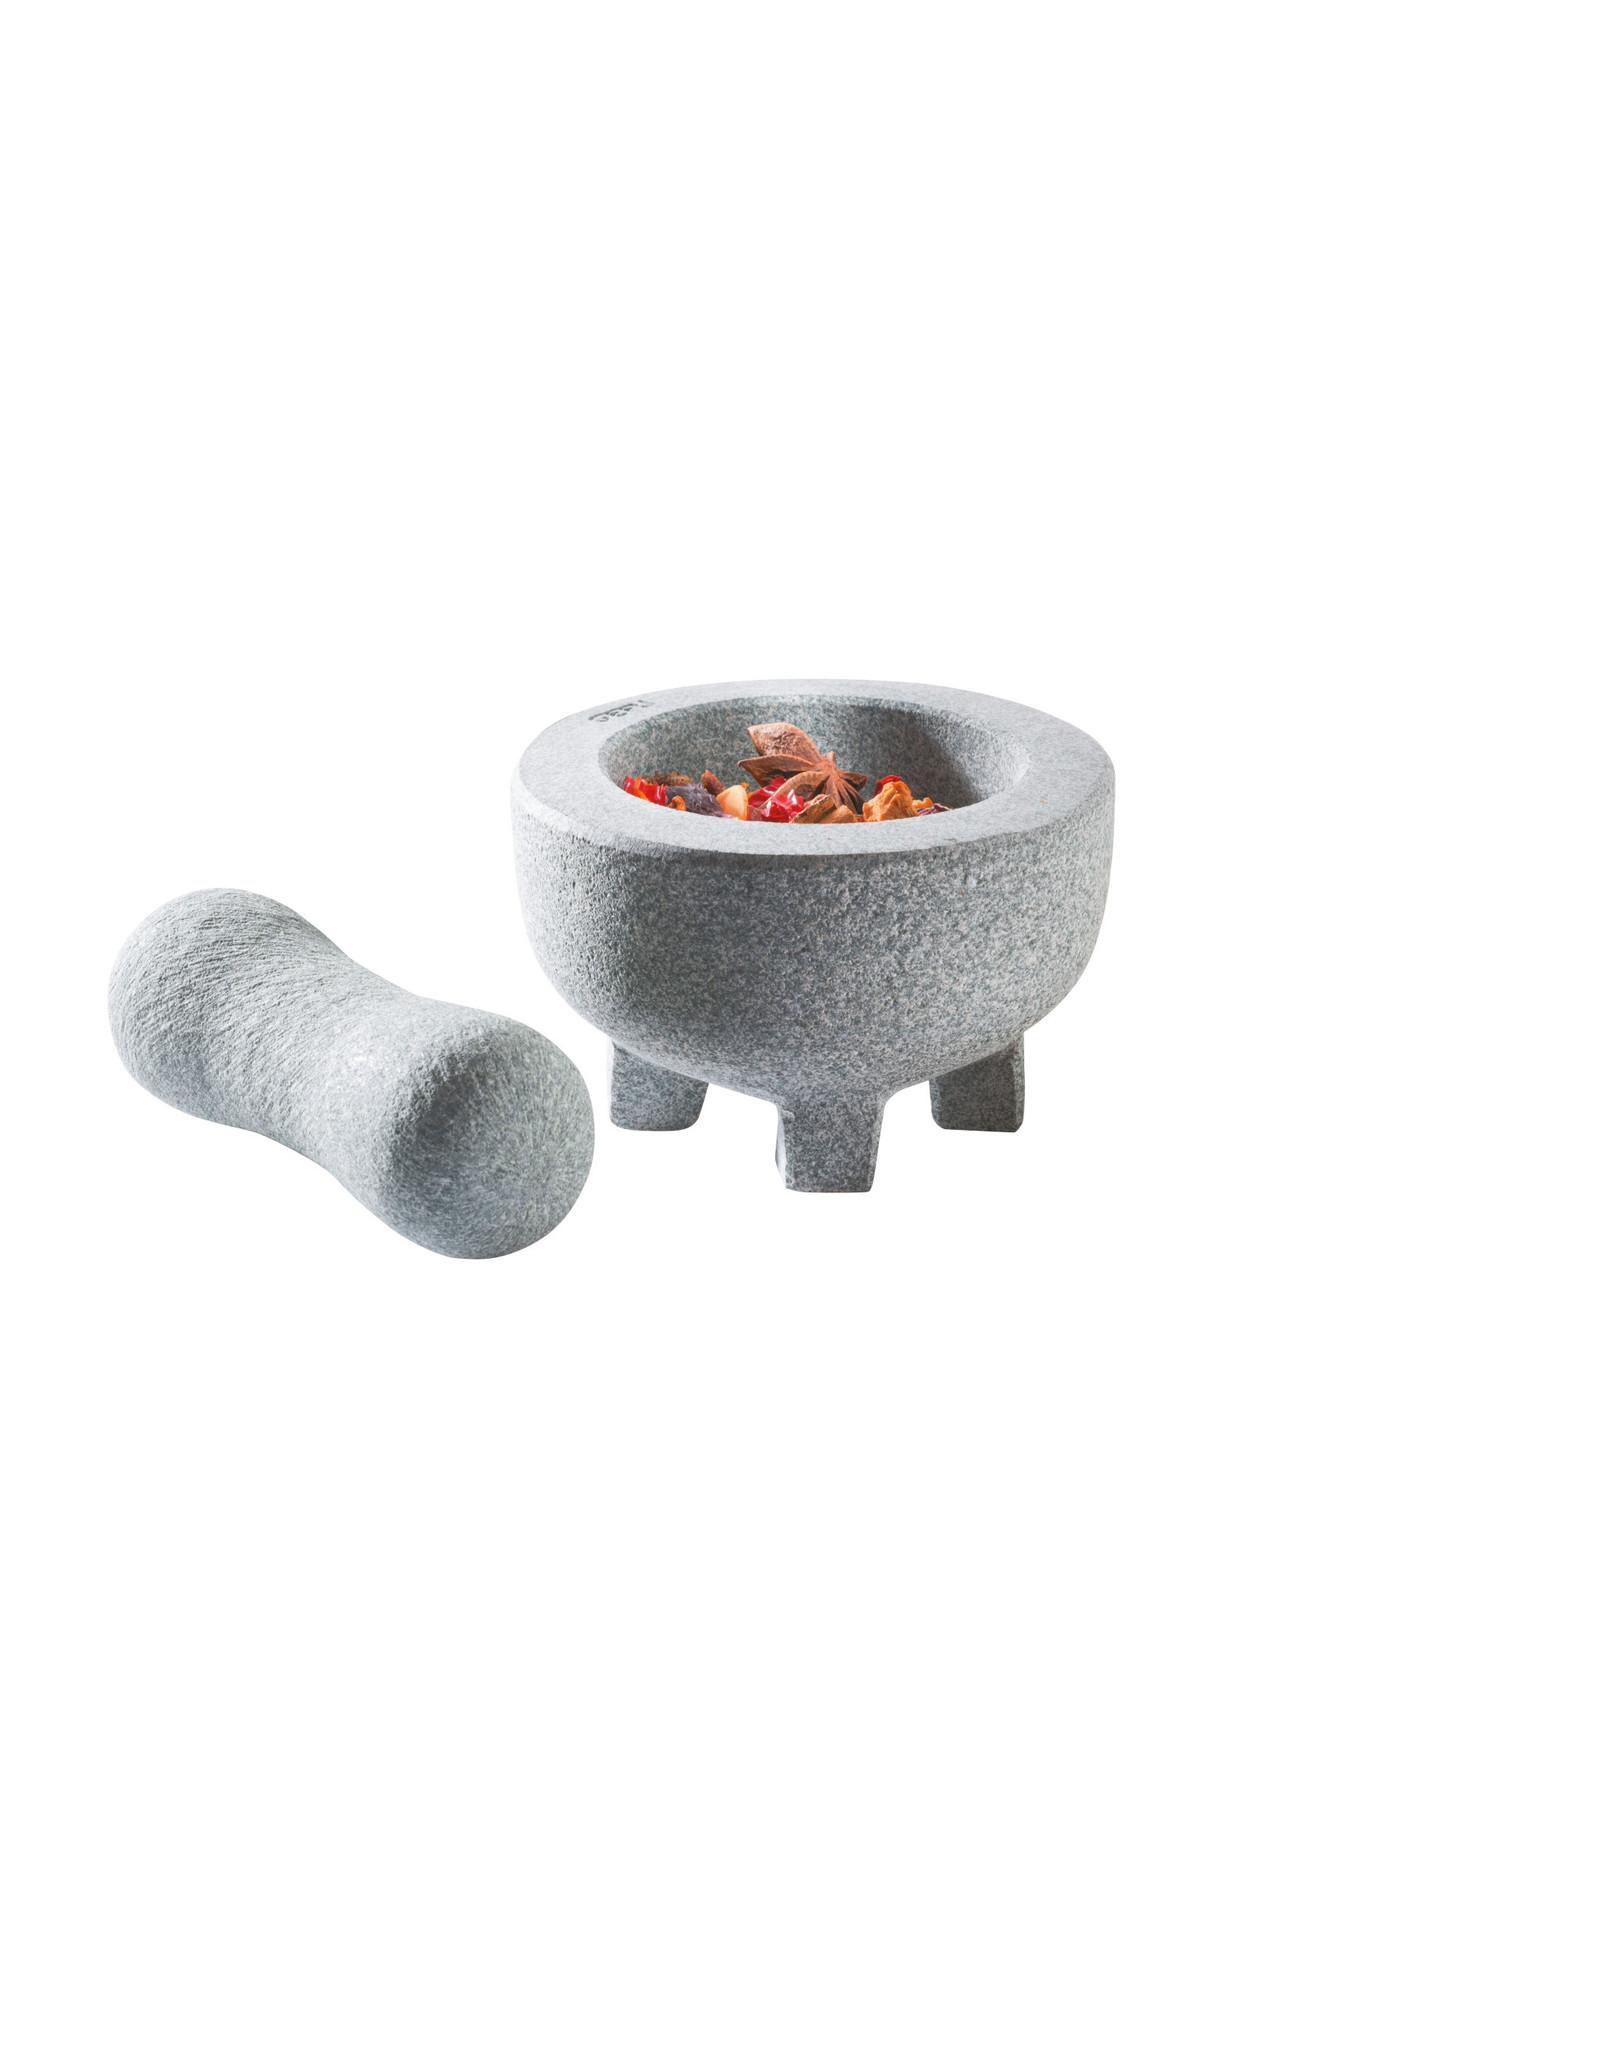 Gefu Gefu Crunchy Granite Mortar 10cm